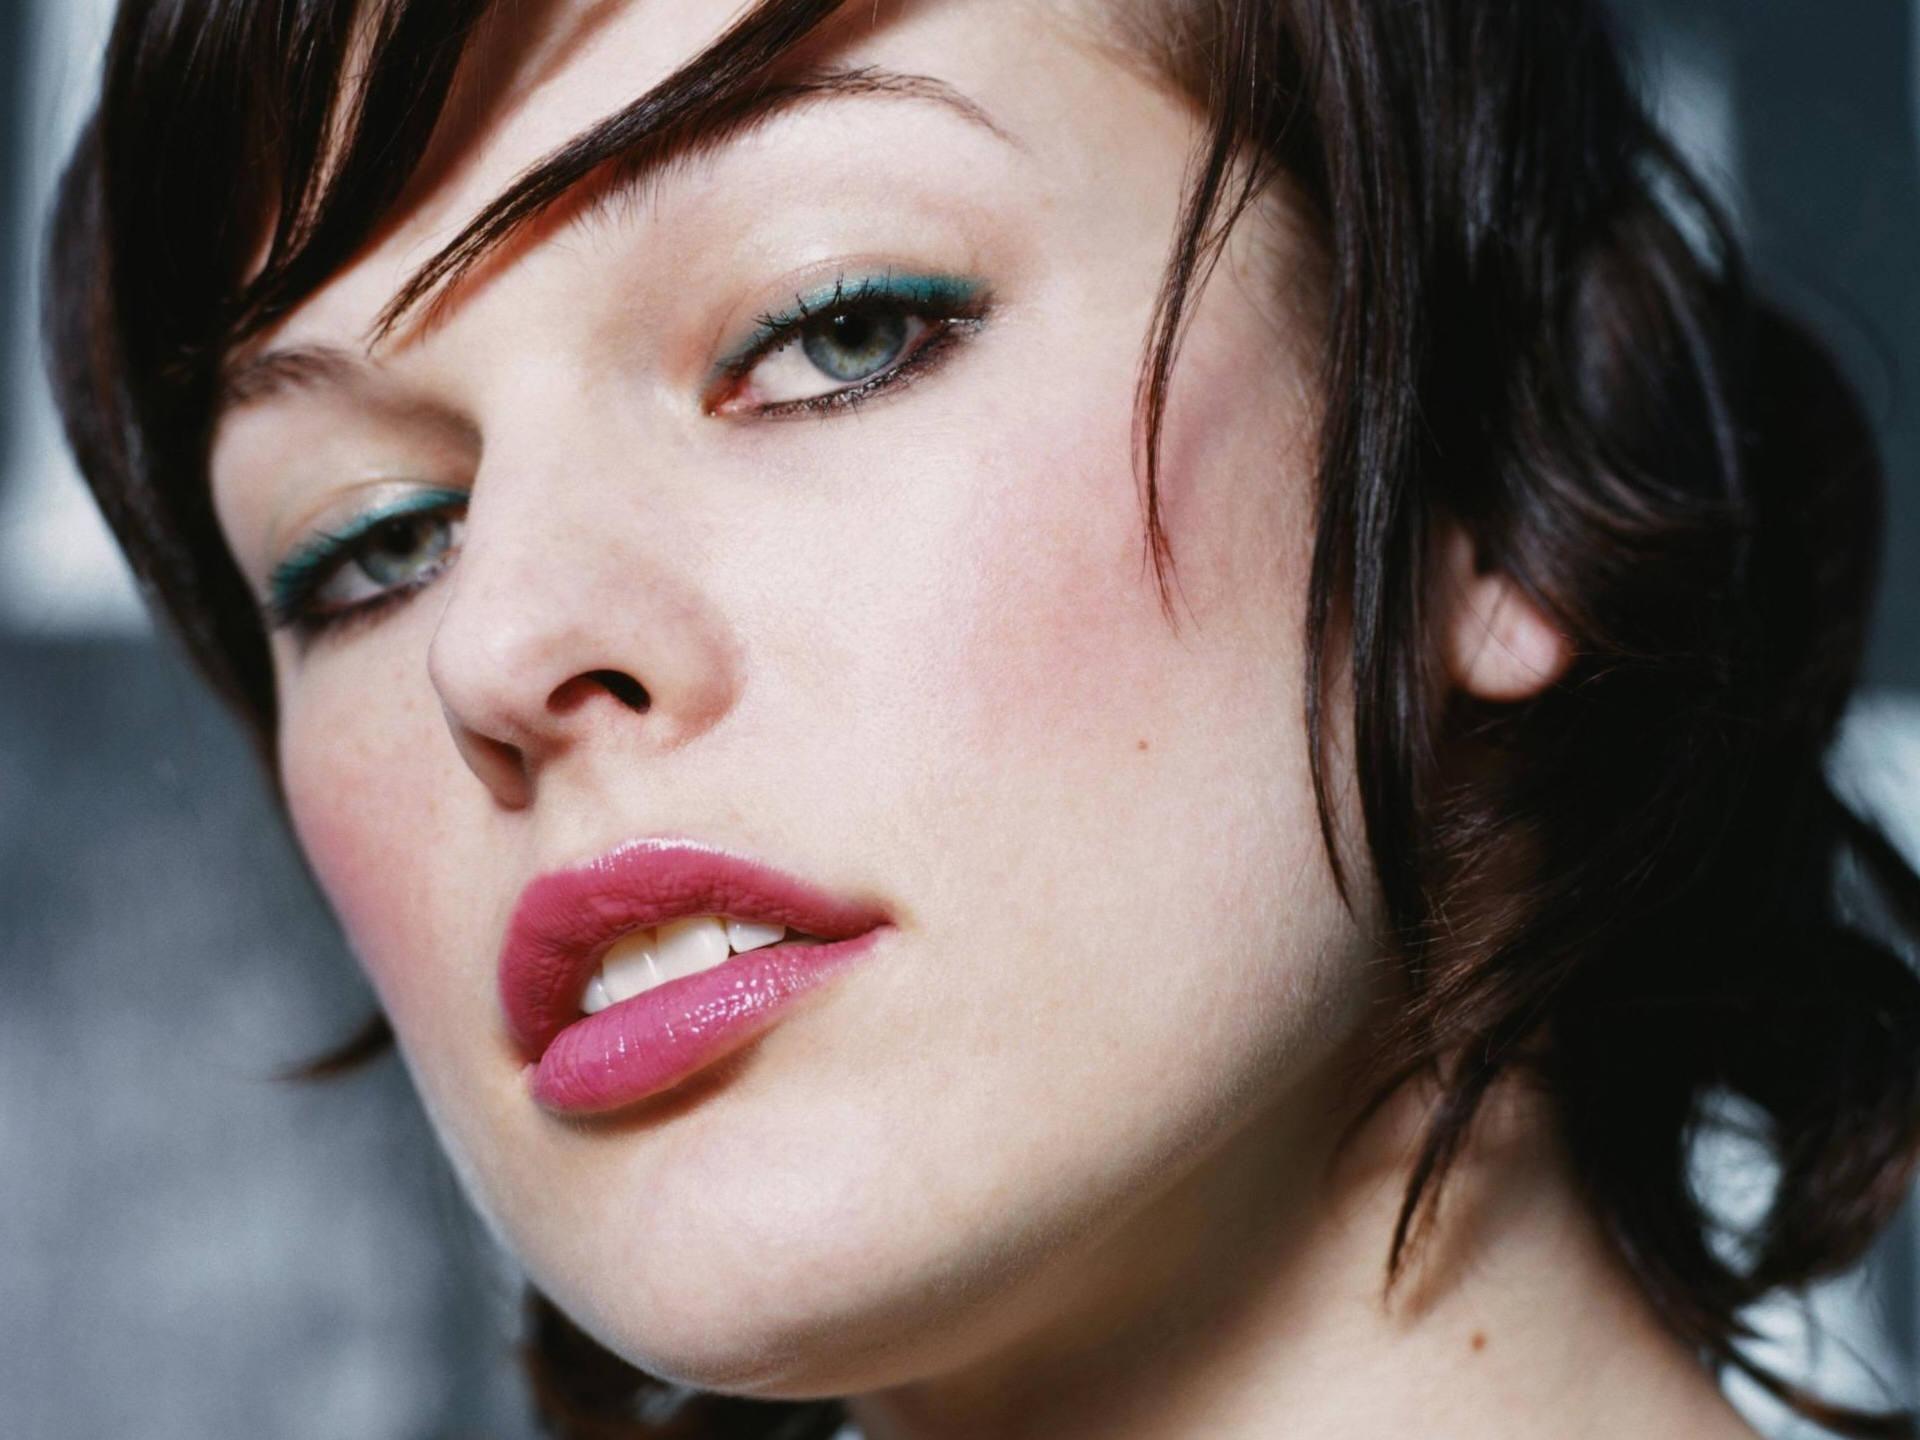 Vuoi cambiare look e make-up? Ti aiuto io!   Makeupnaturale.com